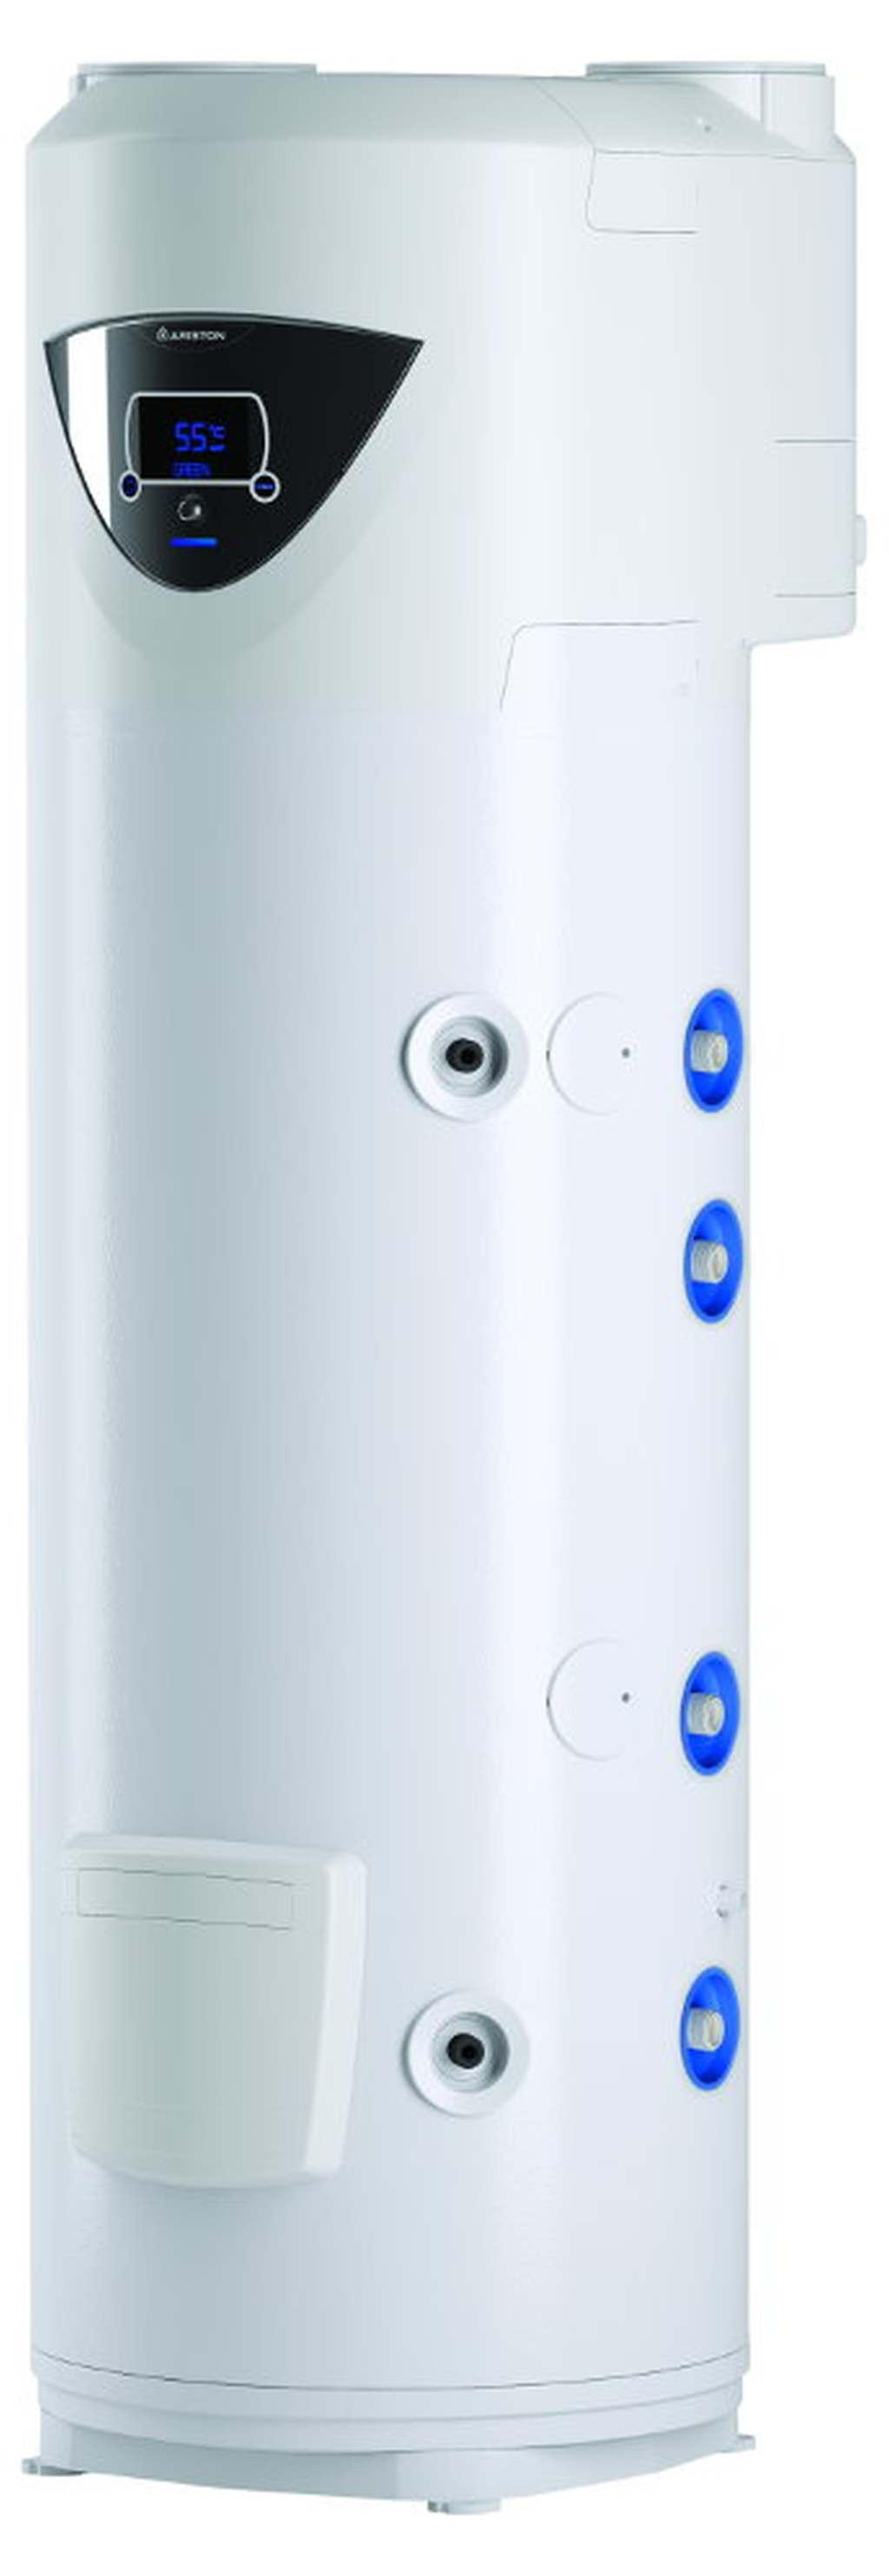 ARISTON NUOS PLUS 250 TWIN SYS Ohřívač vody s tepelným čerpadlem 250 l 3079055